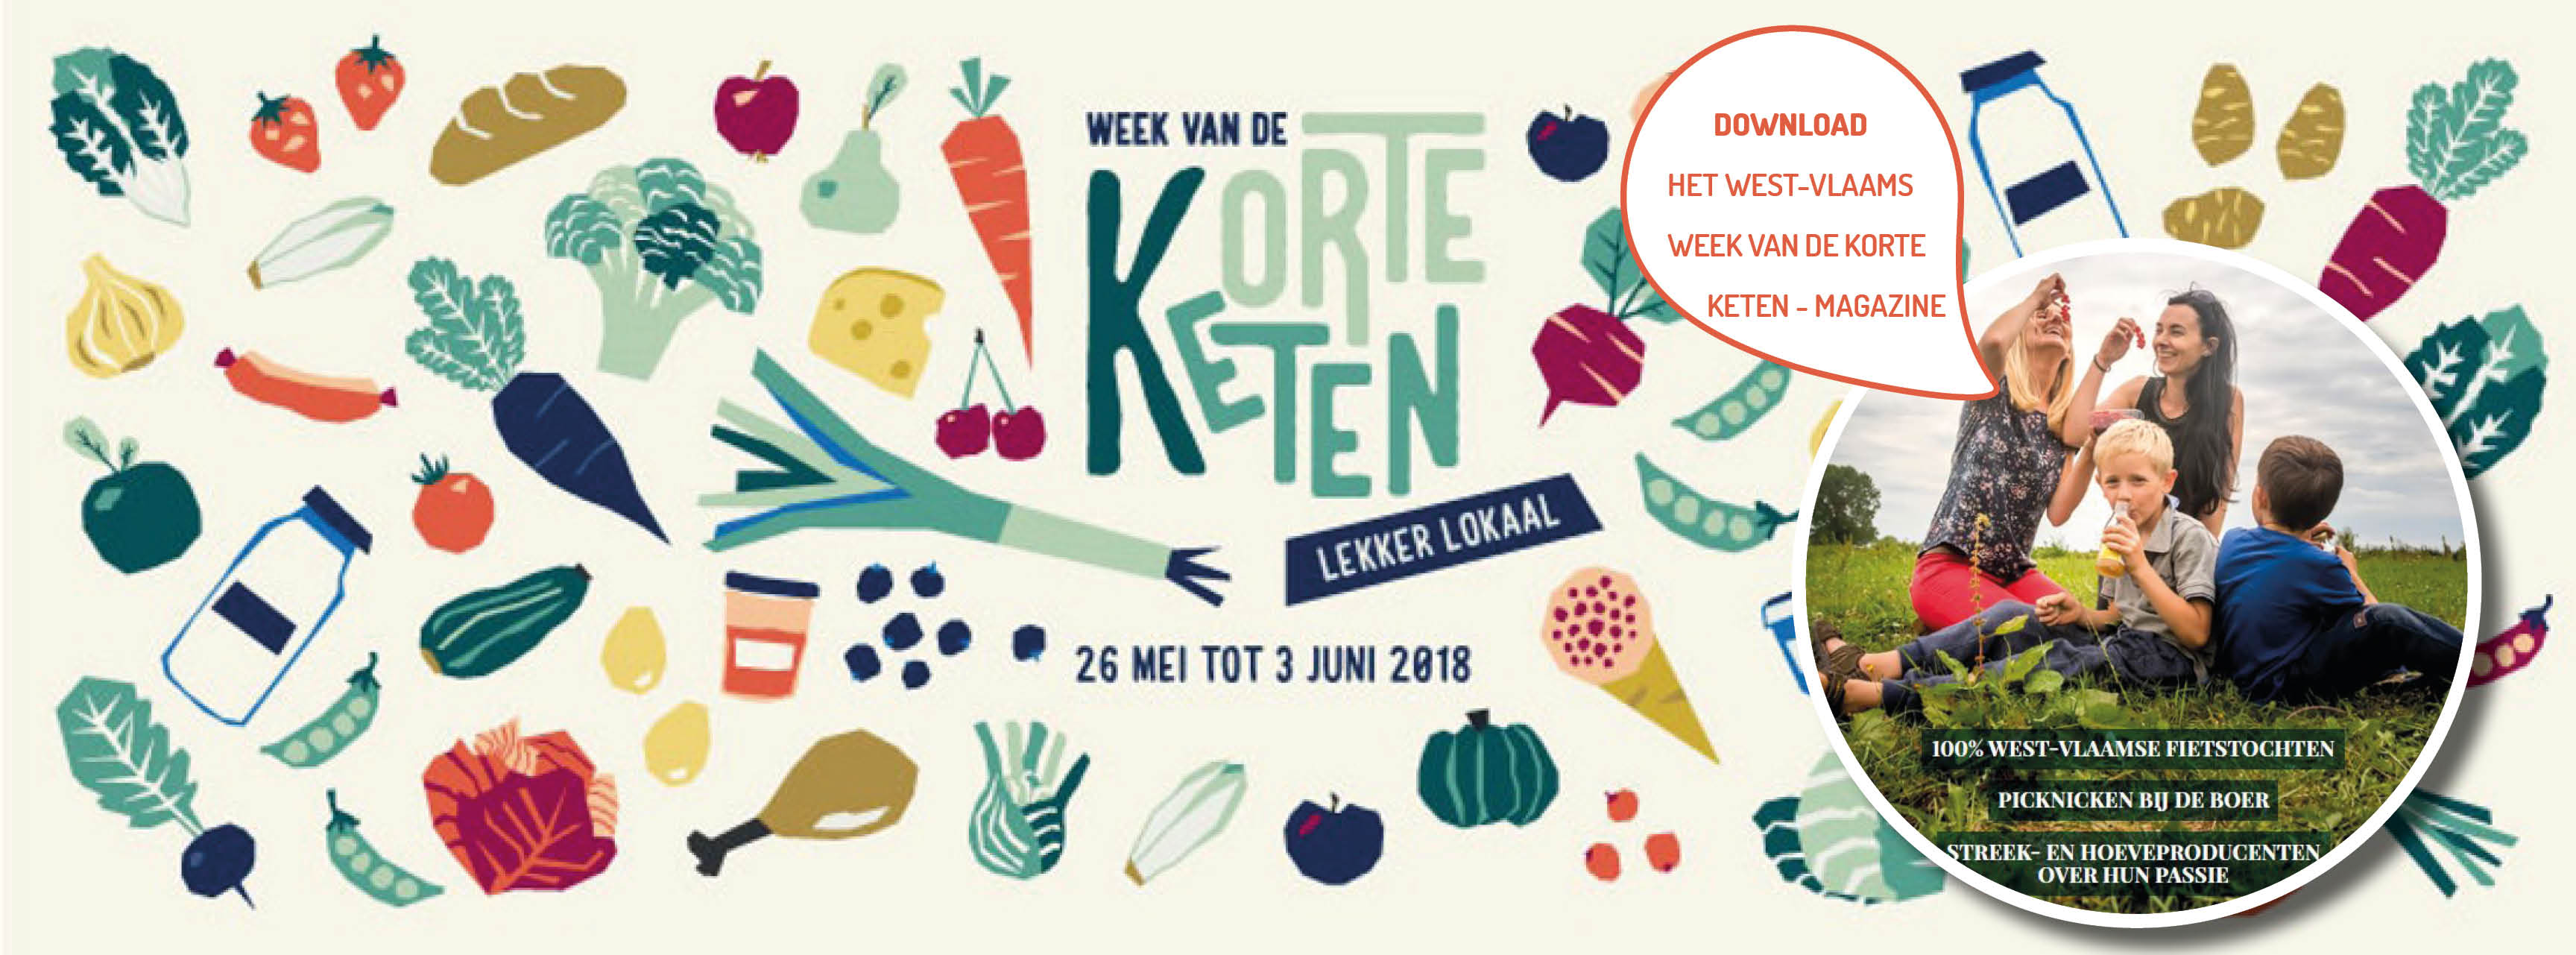 Download het West-Vlaamse magazine van de Week van de Korte Keten